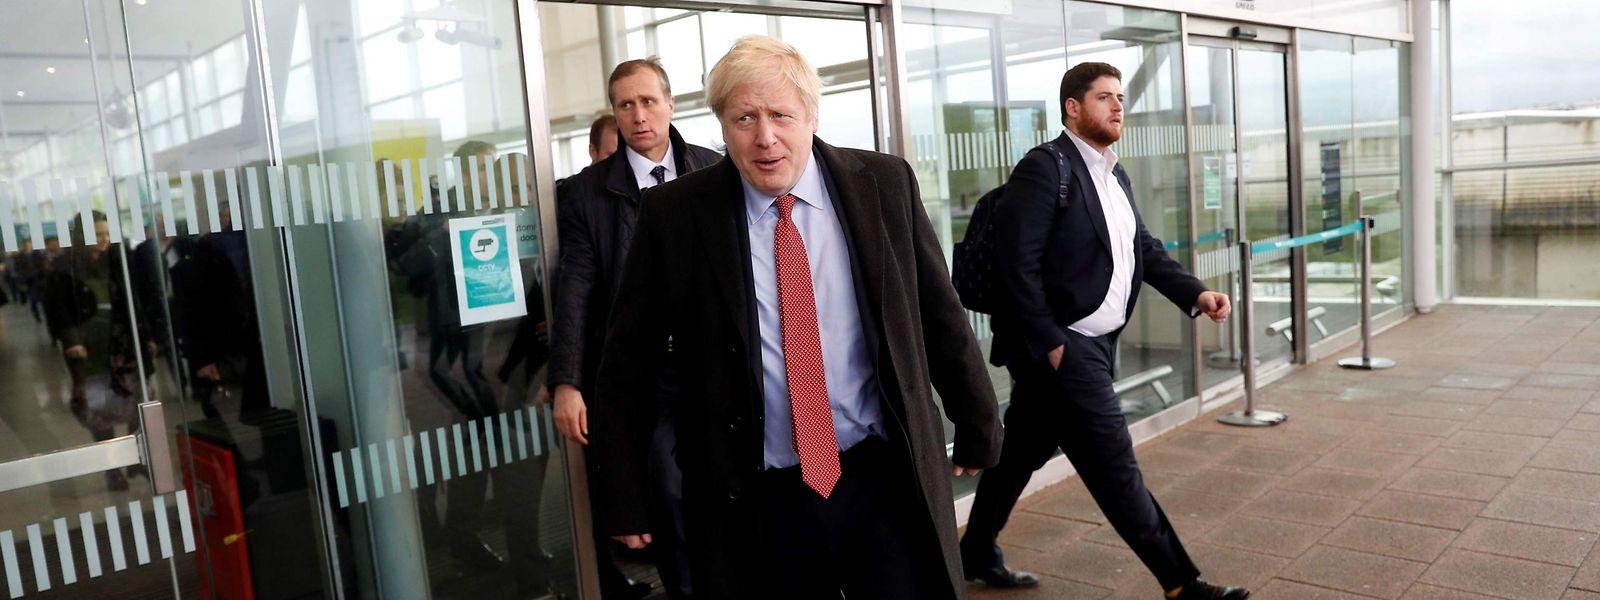 Der wiederholten Frage, ob er im Falle einer Niederlage zum Rücktritt bereit sei, wich Johnson in einem Interview mit Sky News mehrmals aus.